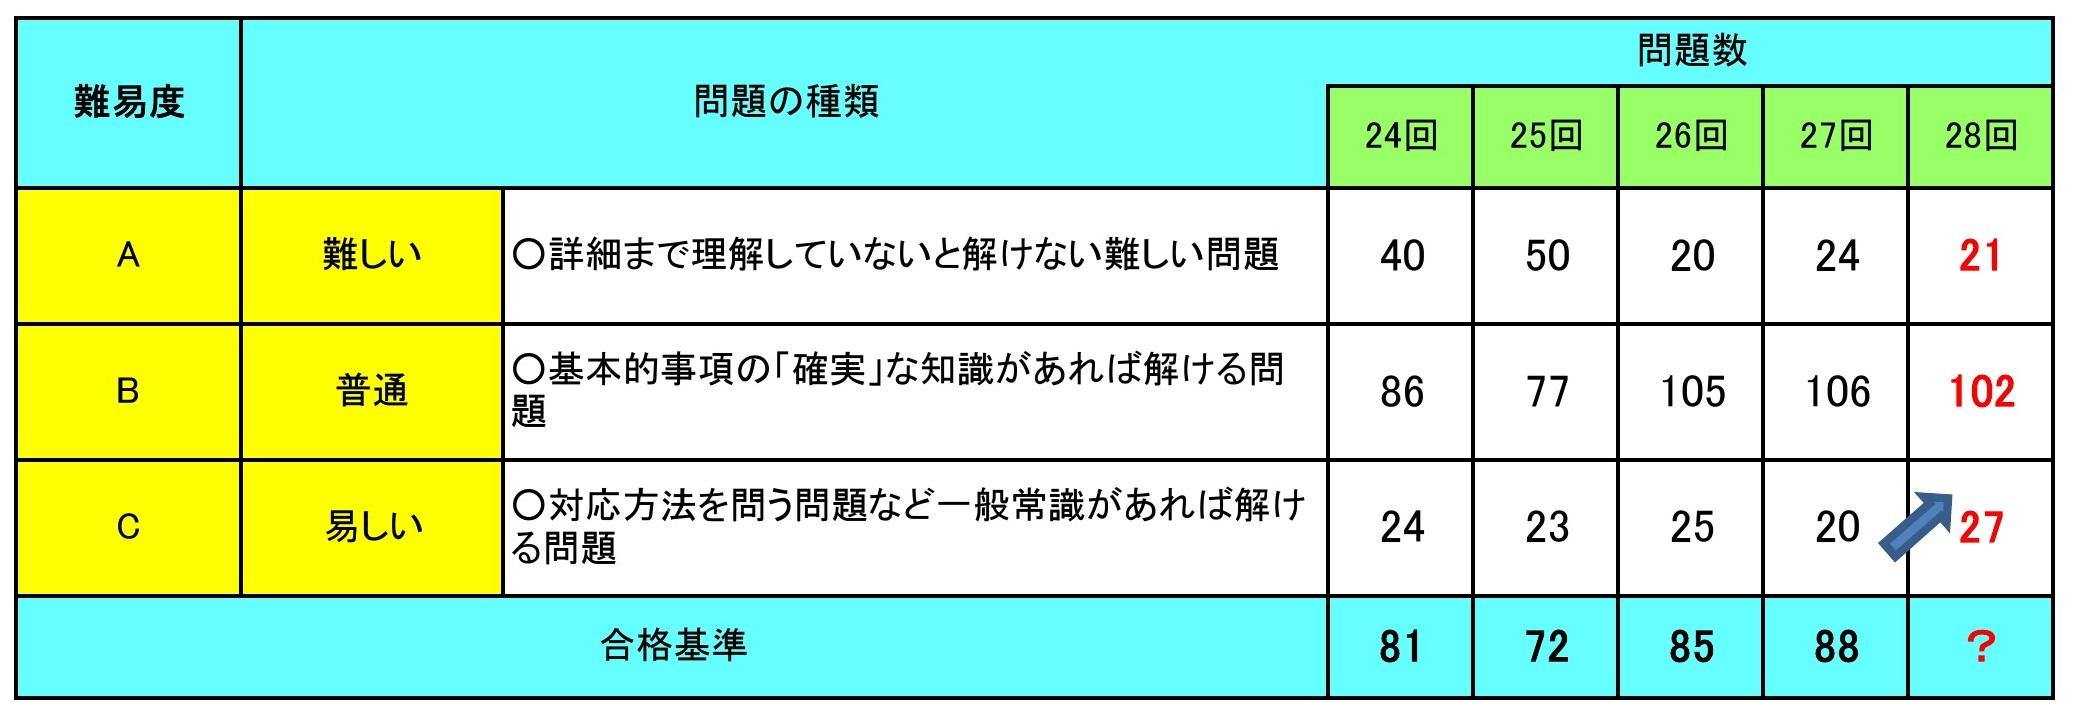 syakai3.jpg